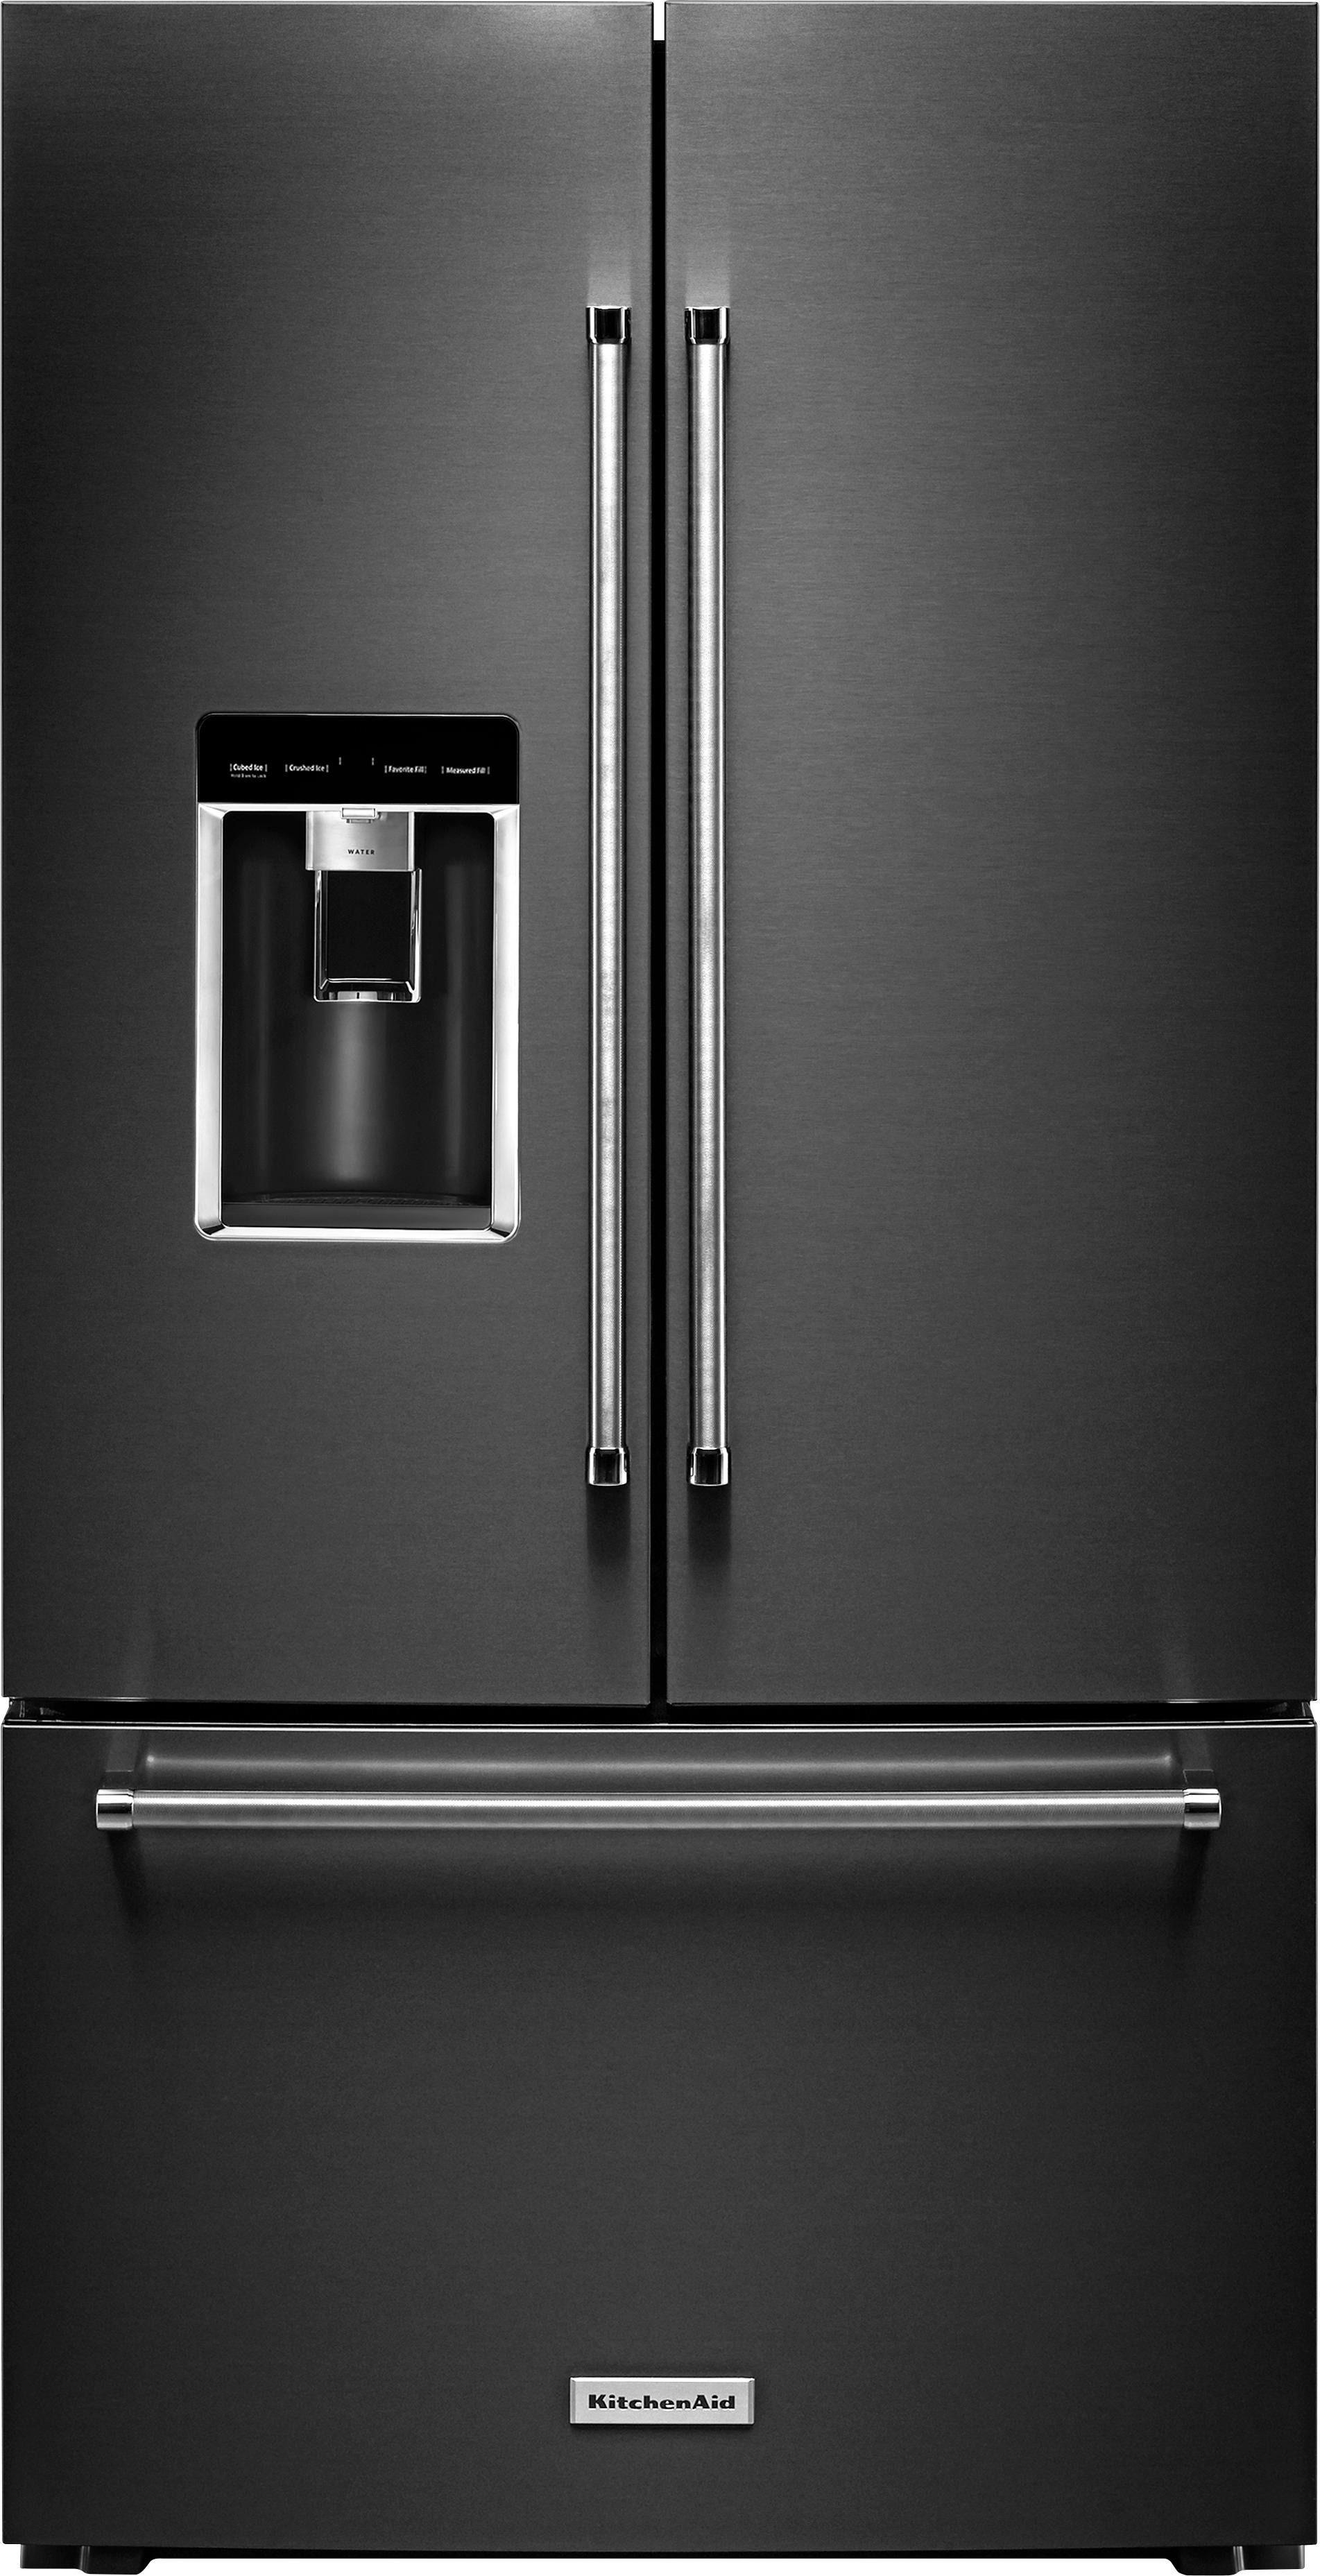 Cabinet Depth French Door Refrigerator 2020 In 2020 Counter Depth Refrigerator Counter Depth French Door Refrigerator French Door Refrigerator